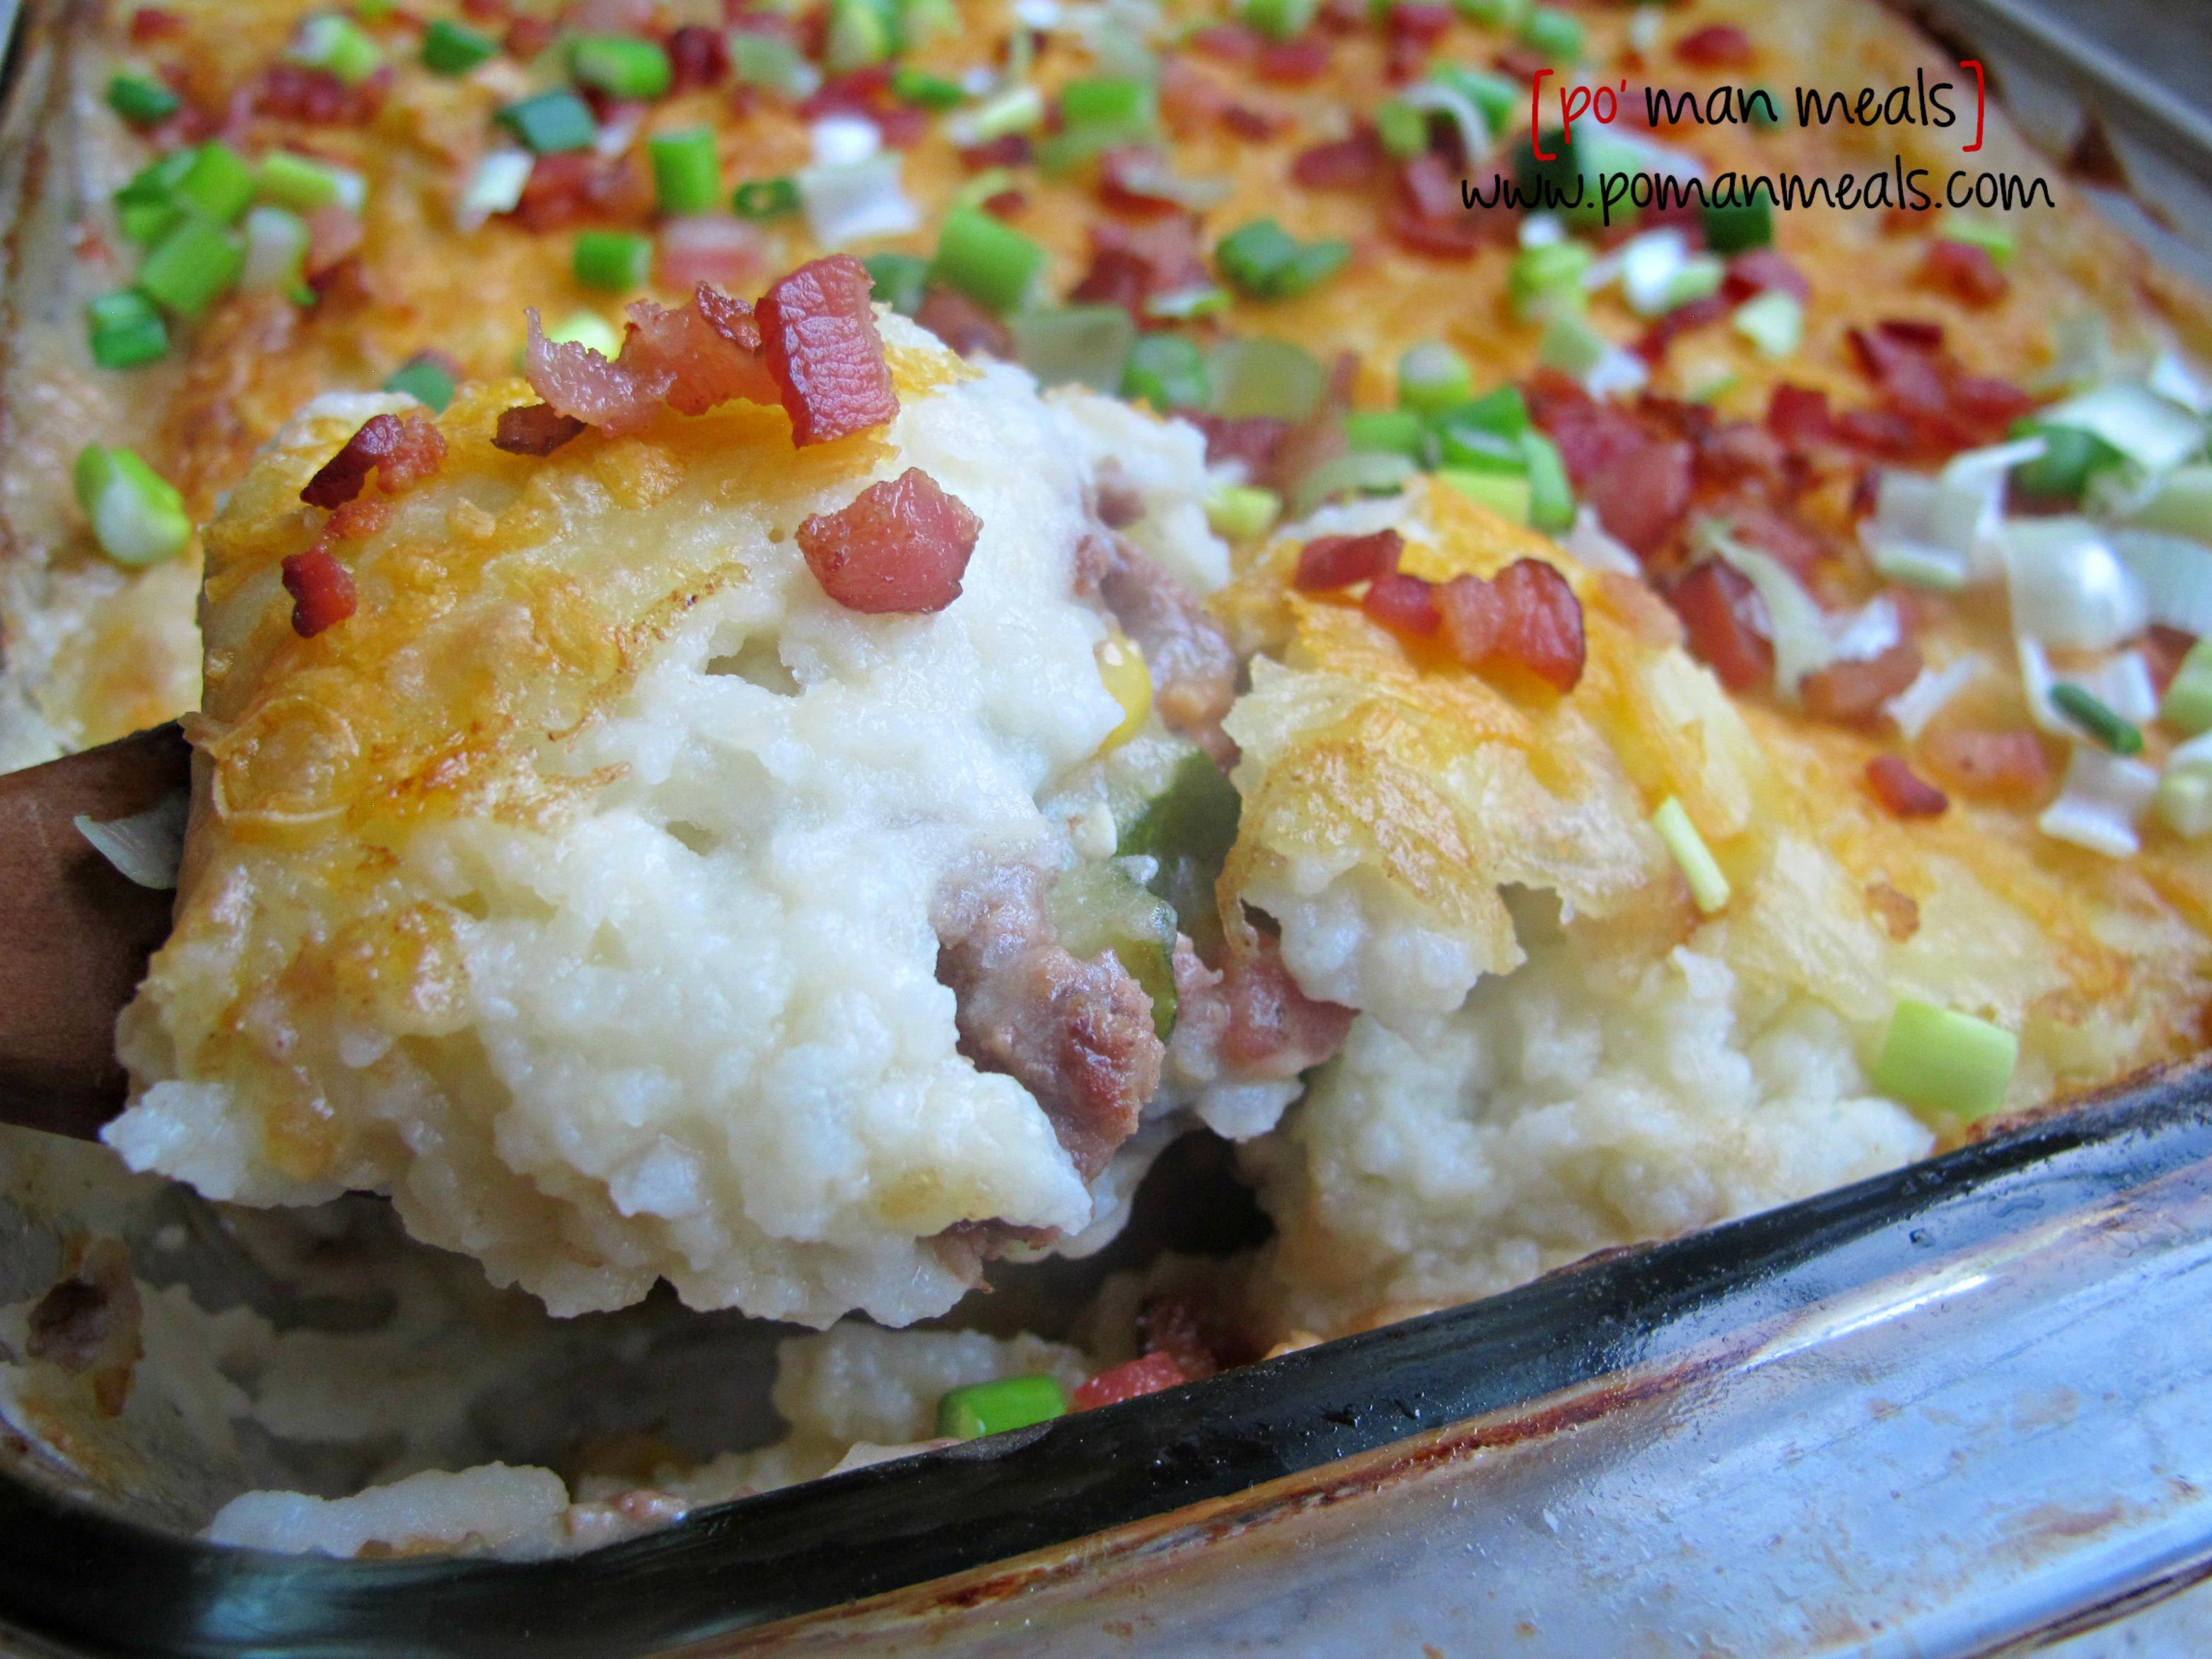 po' man meals - loaded shepherd's pie